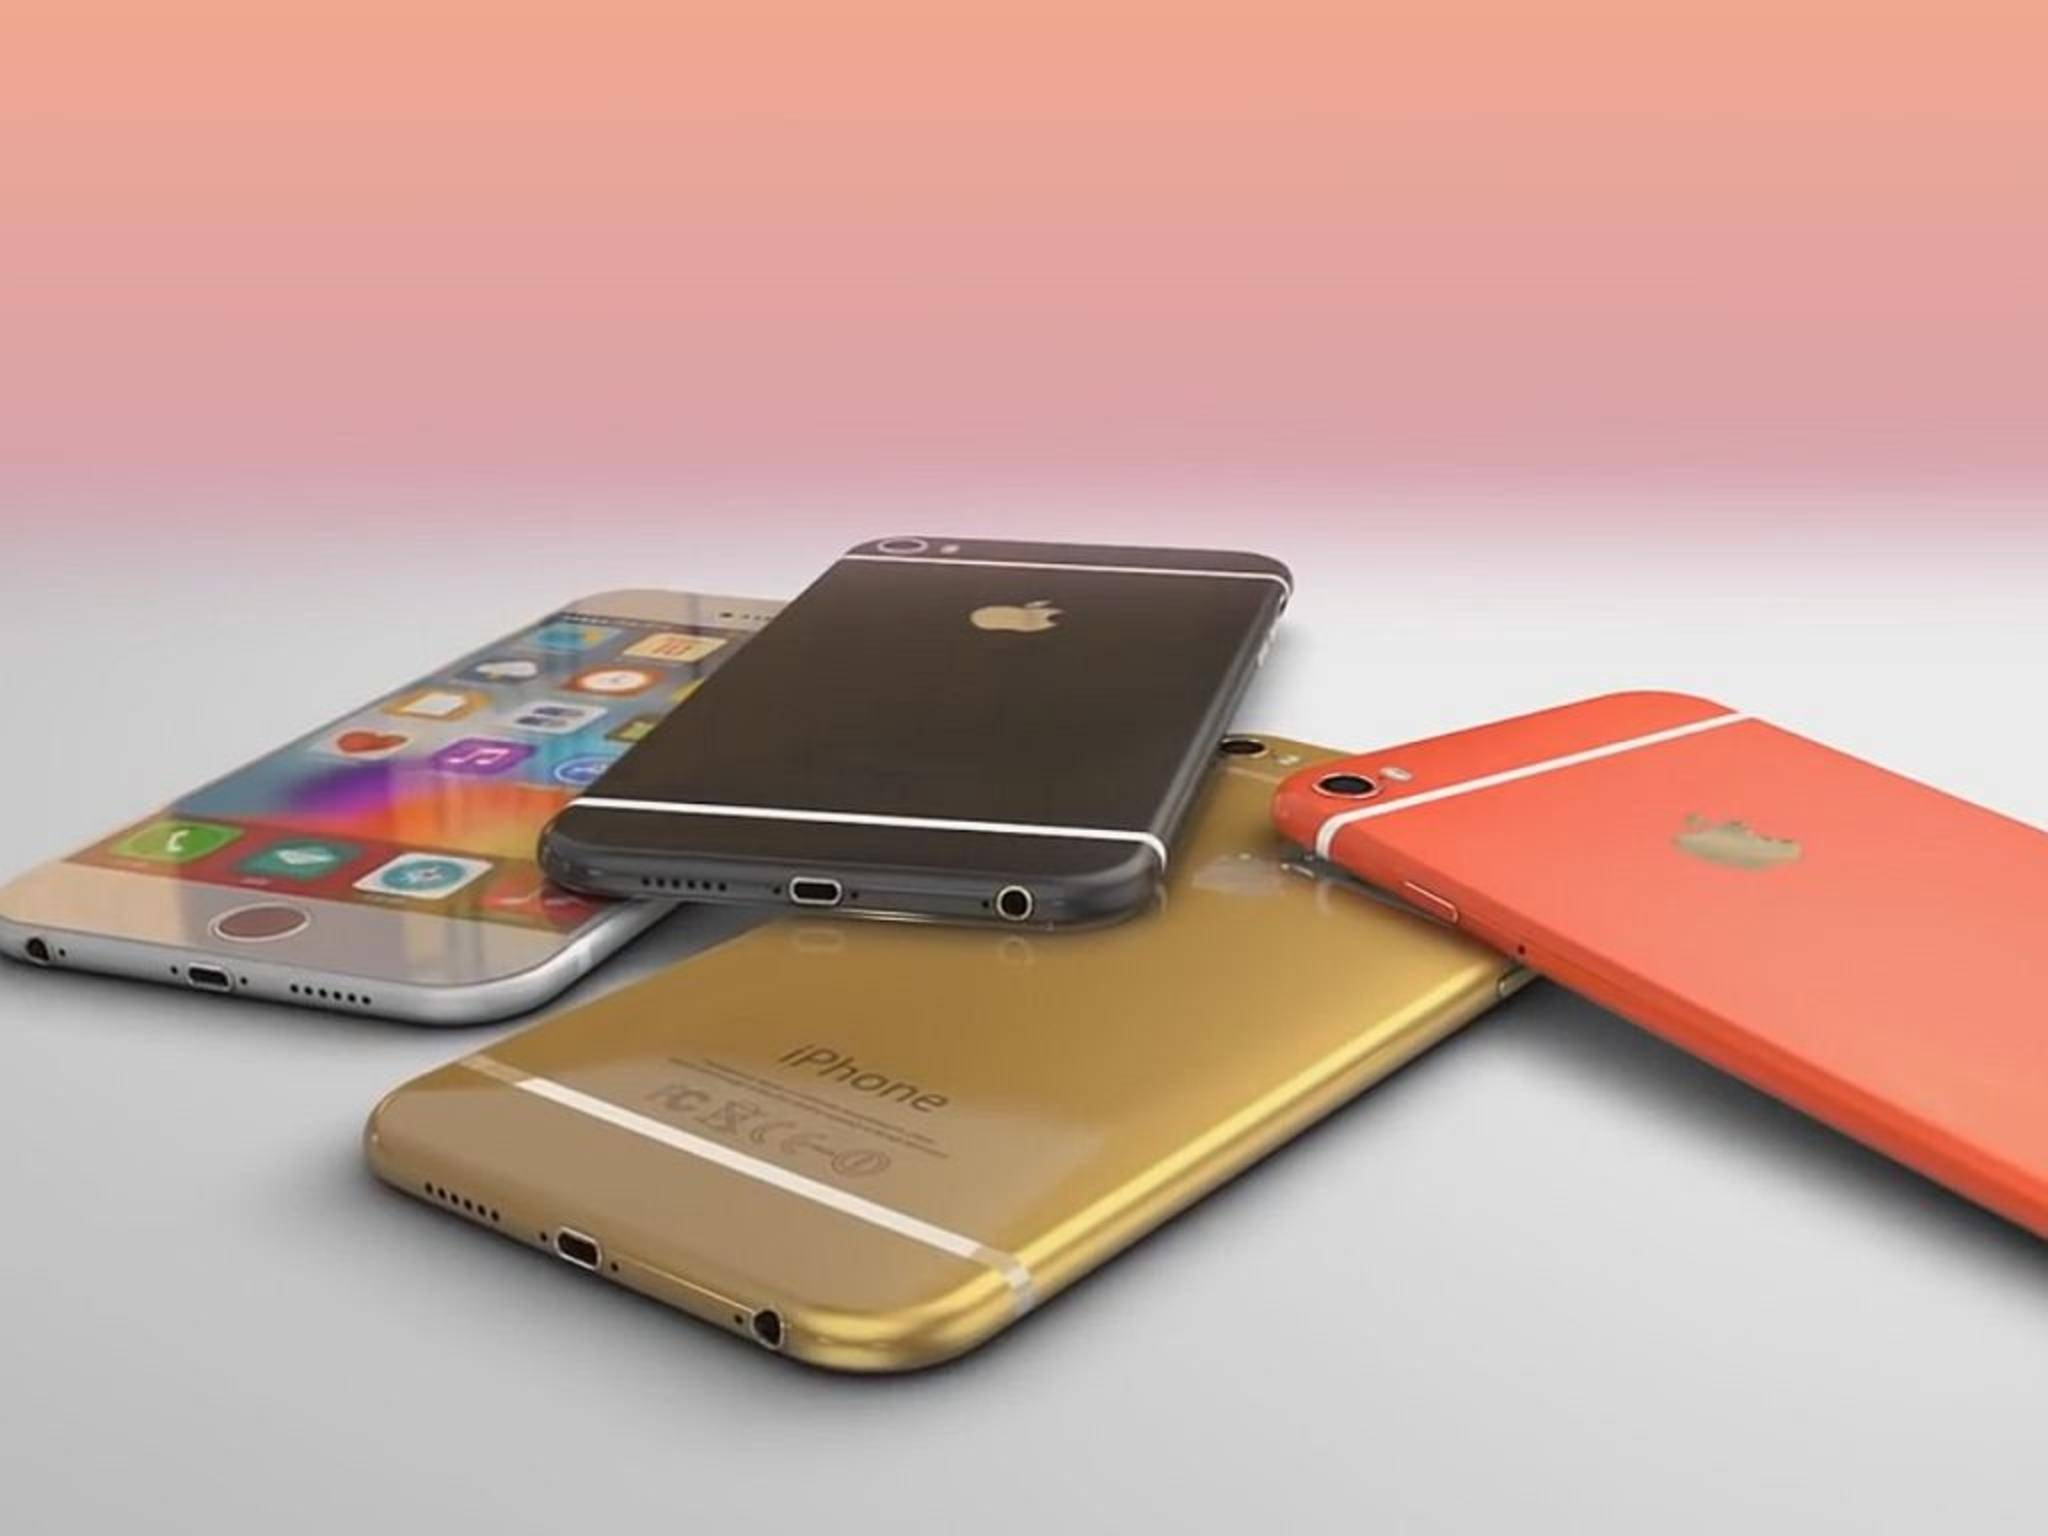 Das iPhone 6s könnte sich laut einer Prognose noch besser verkaufen als das iPhone 6.